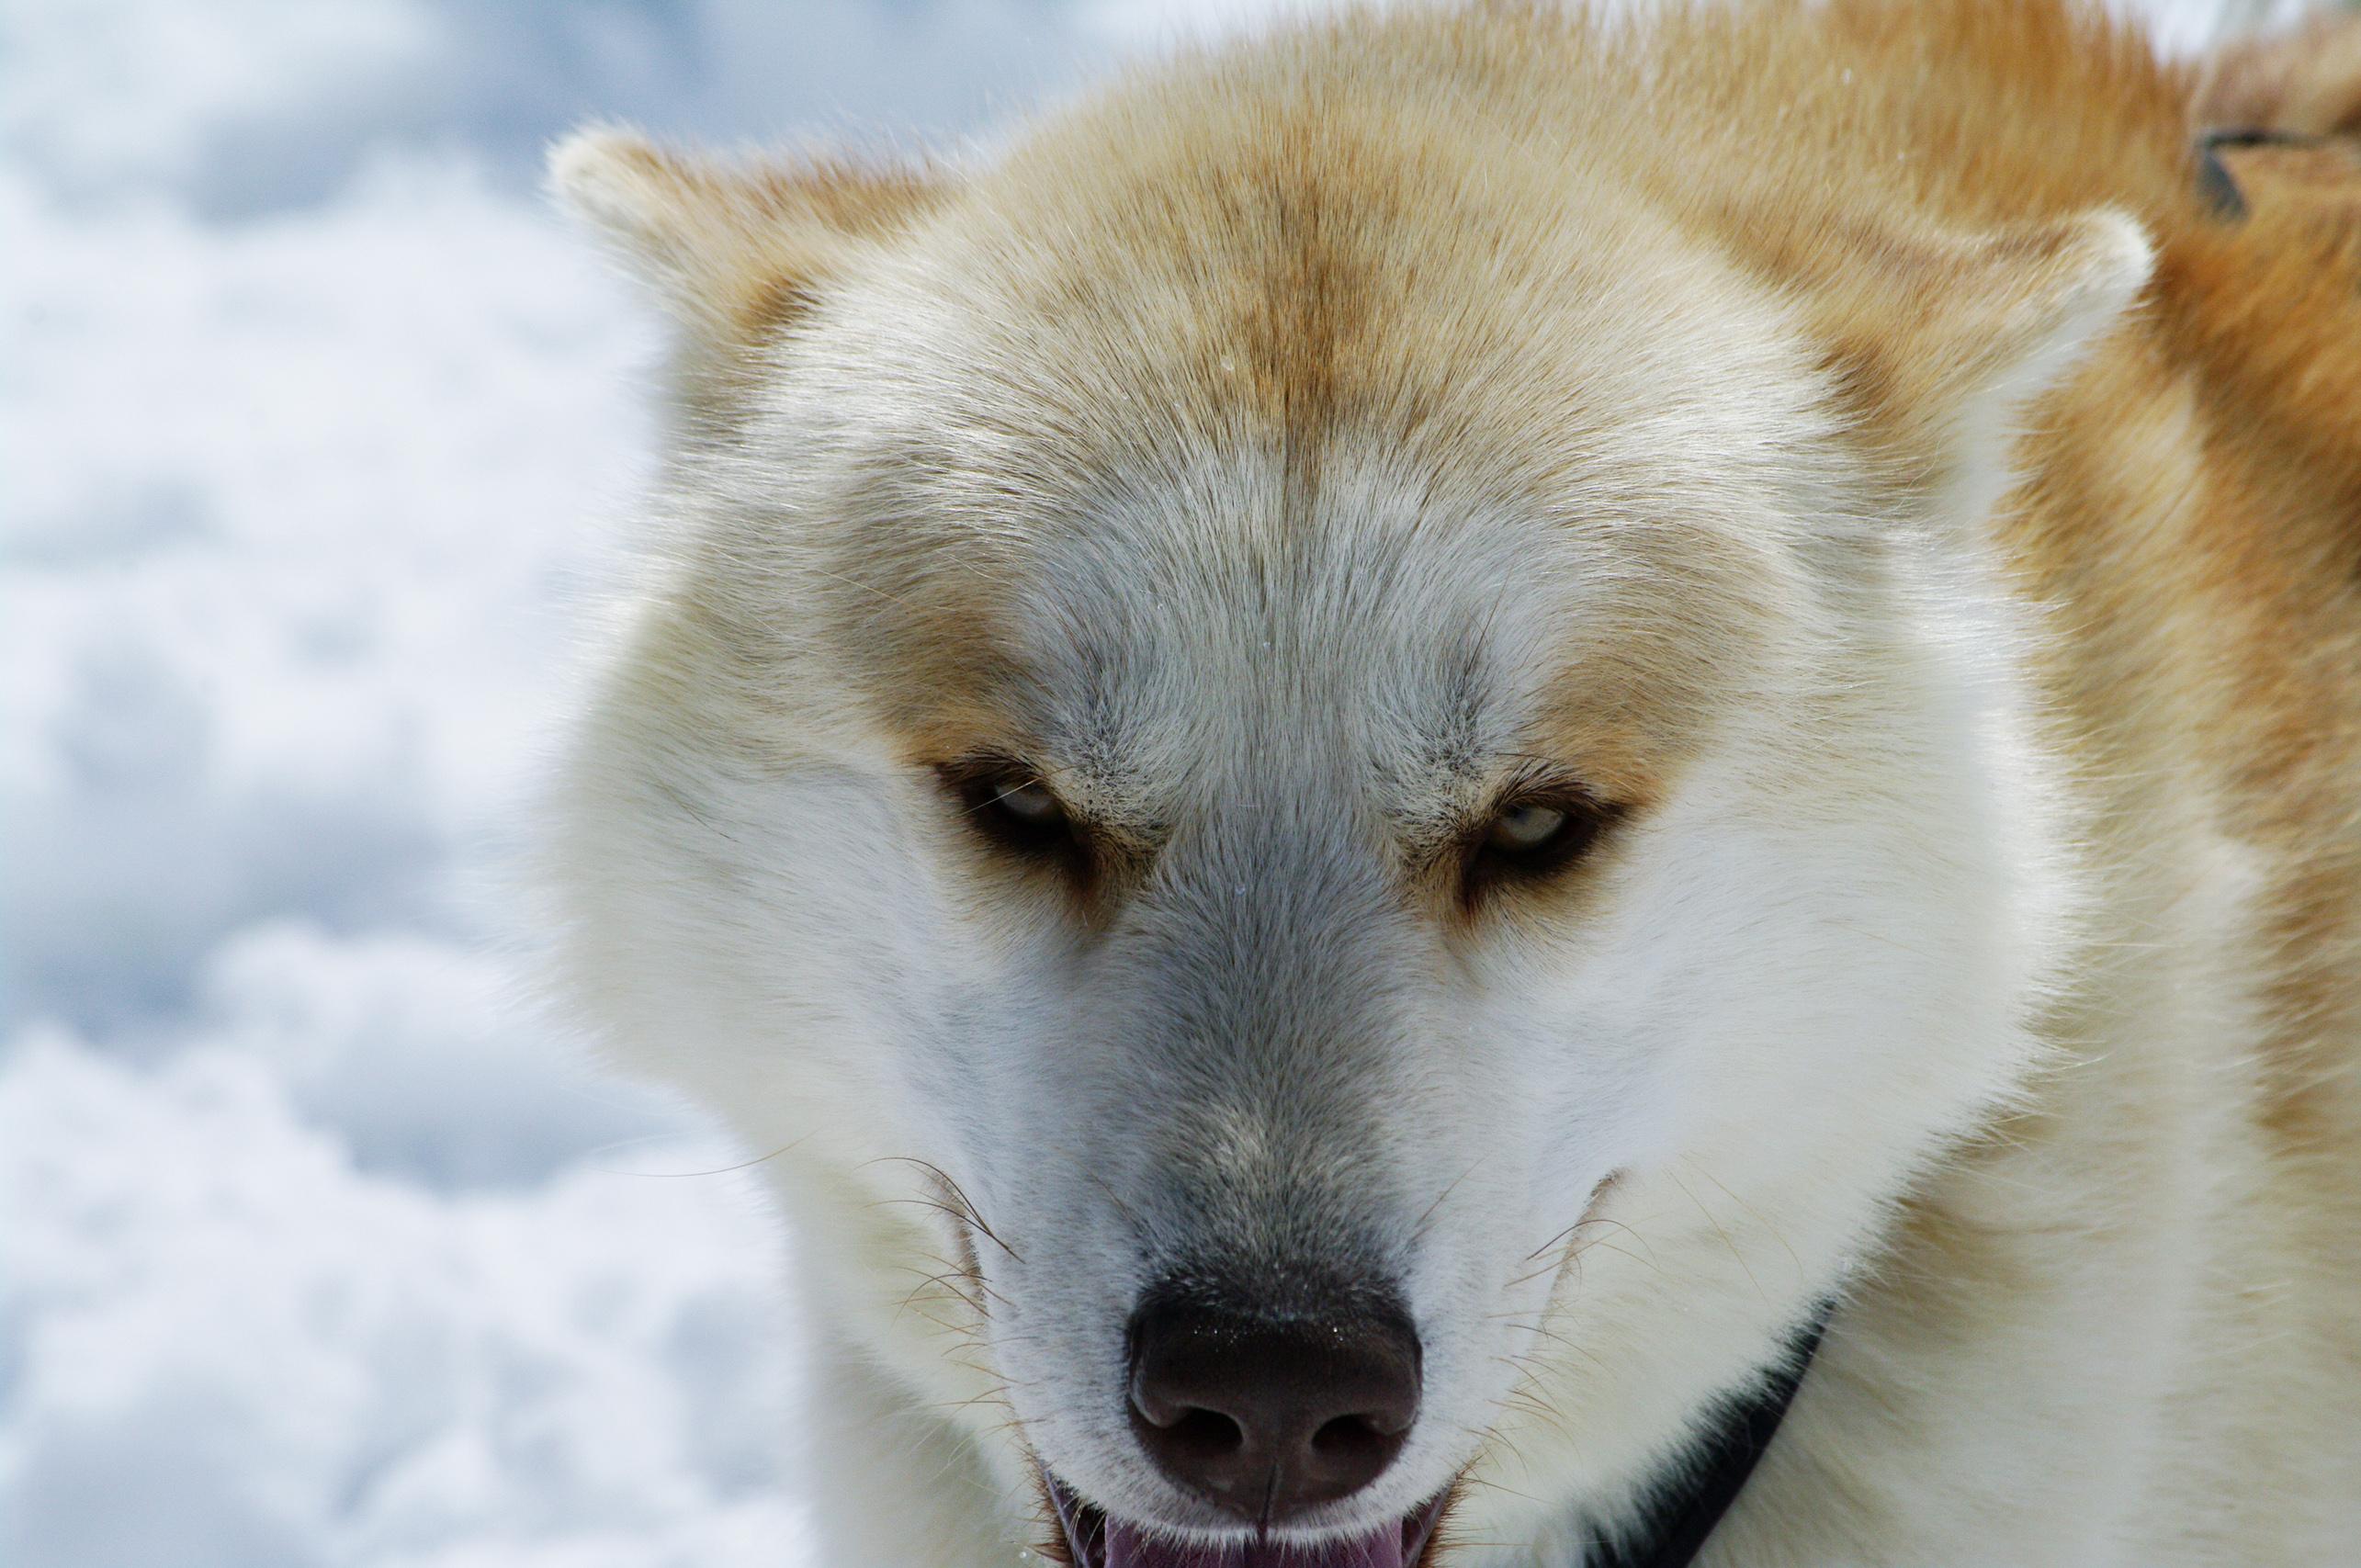 Close up with a husky photo